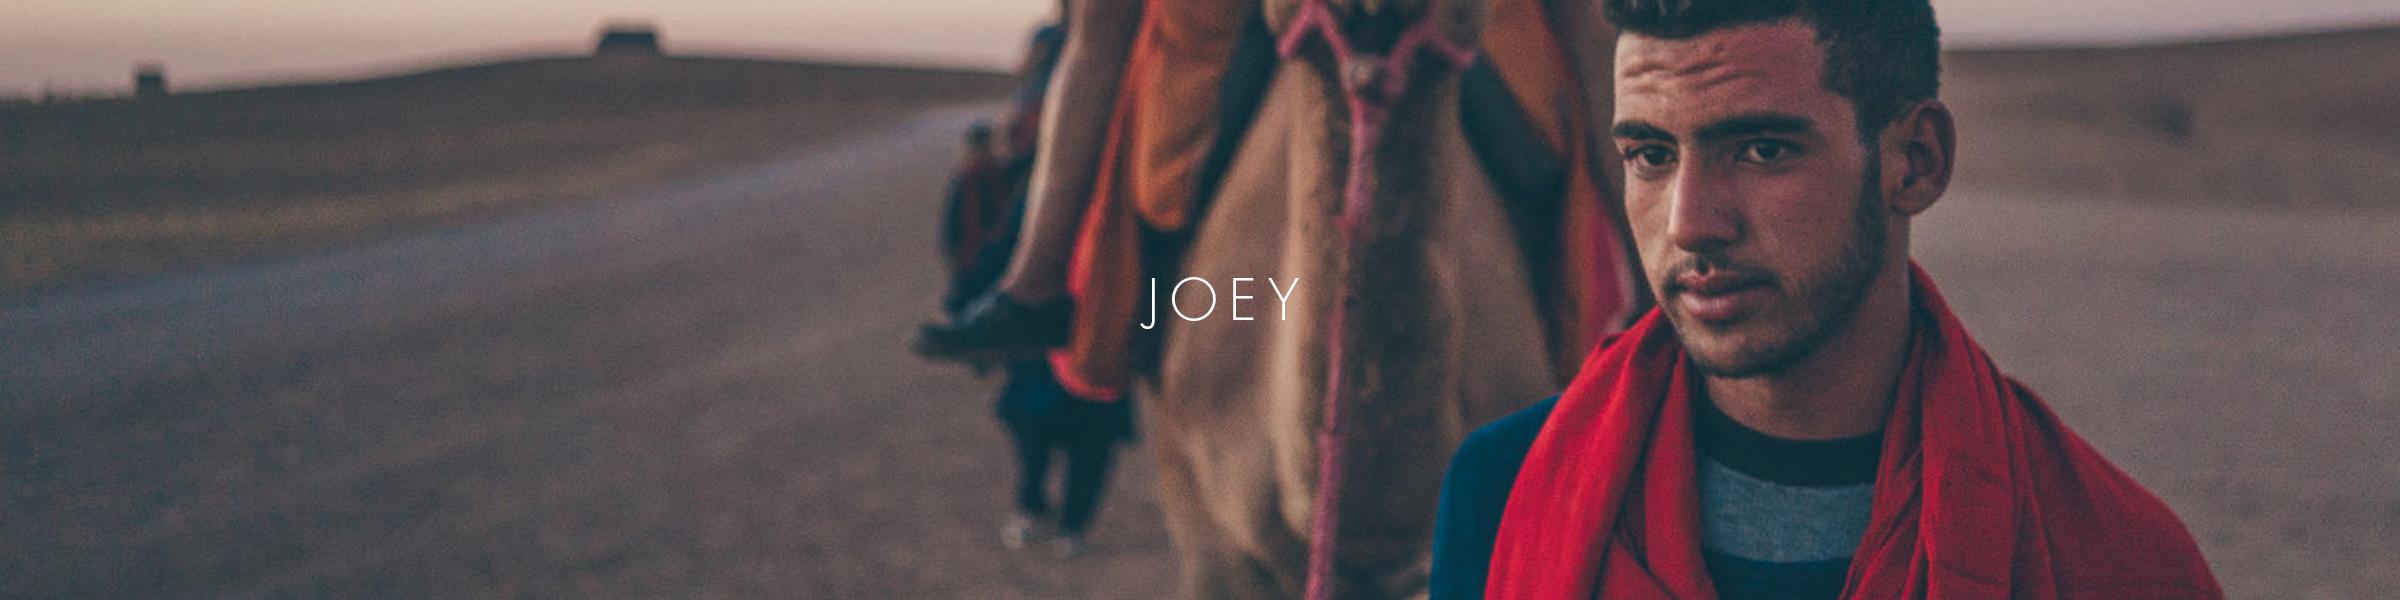 JOEY2.png